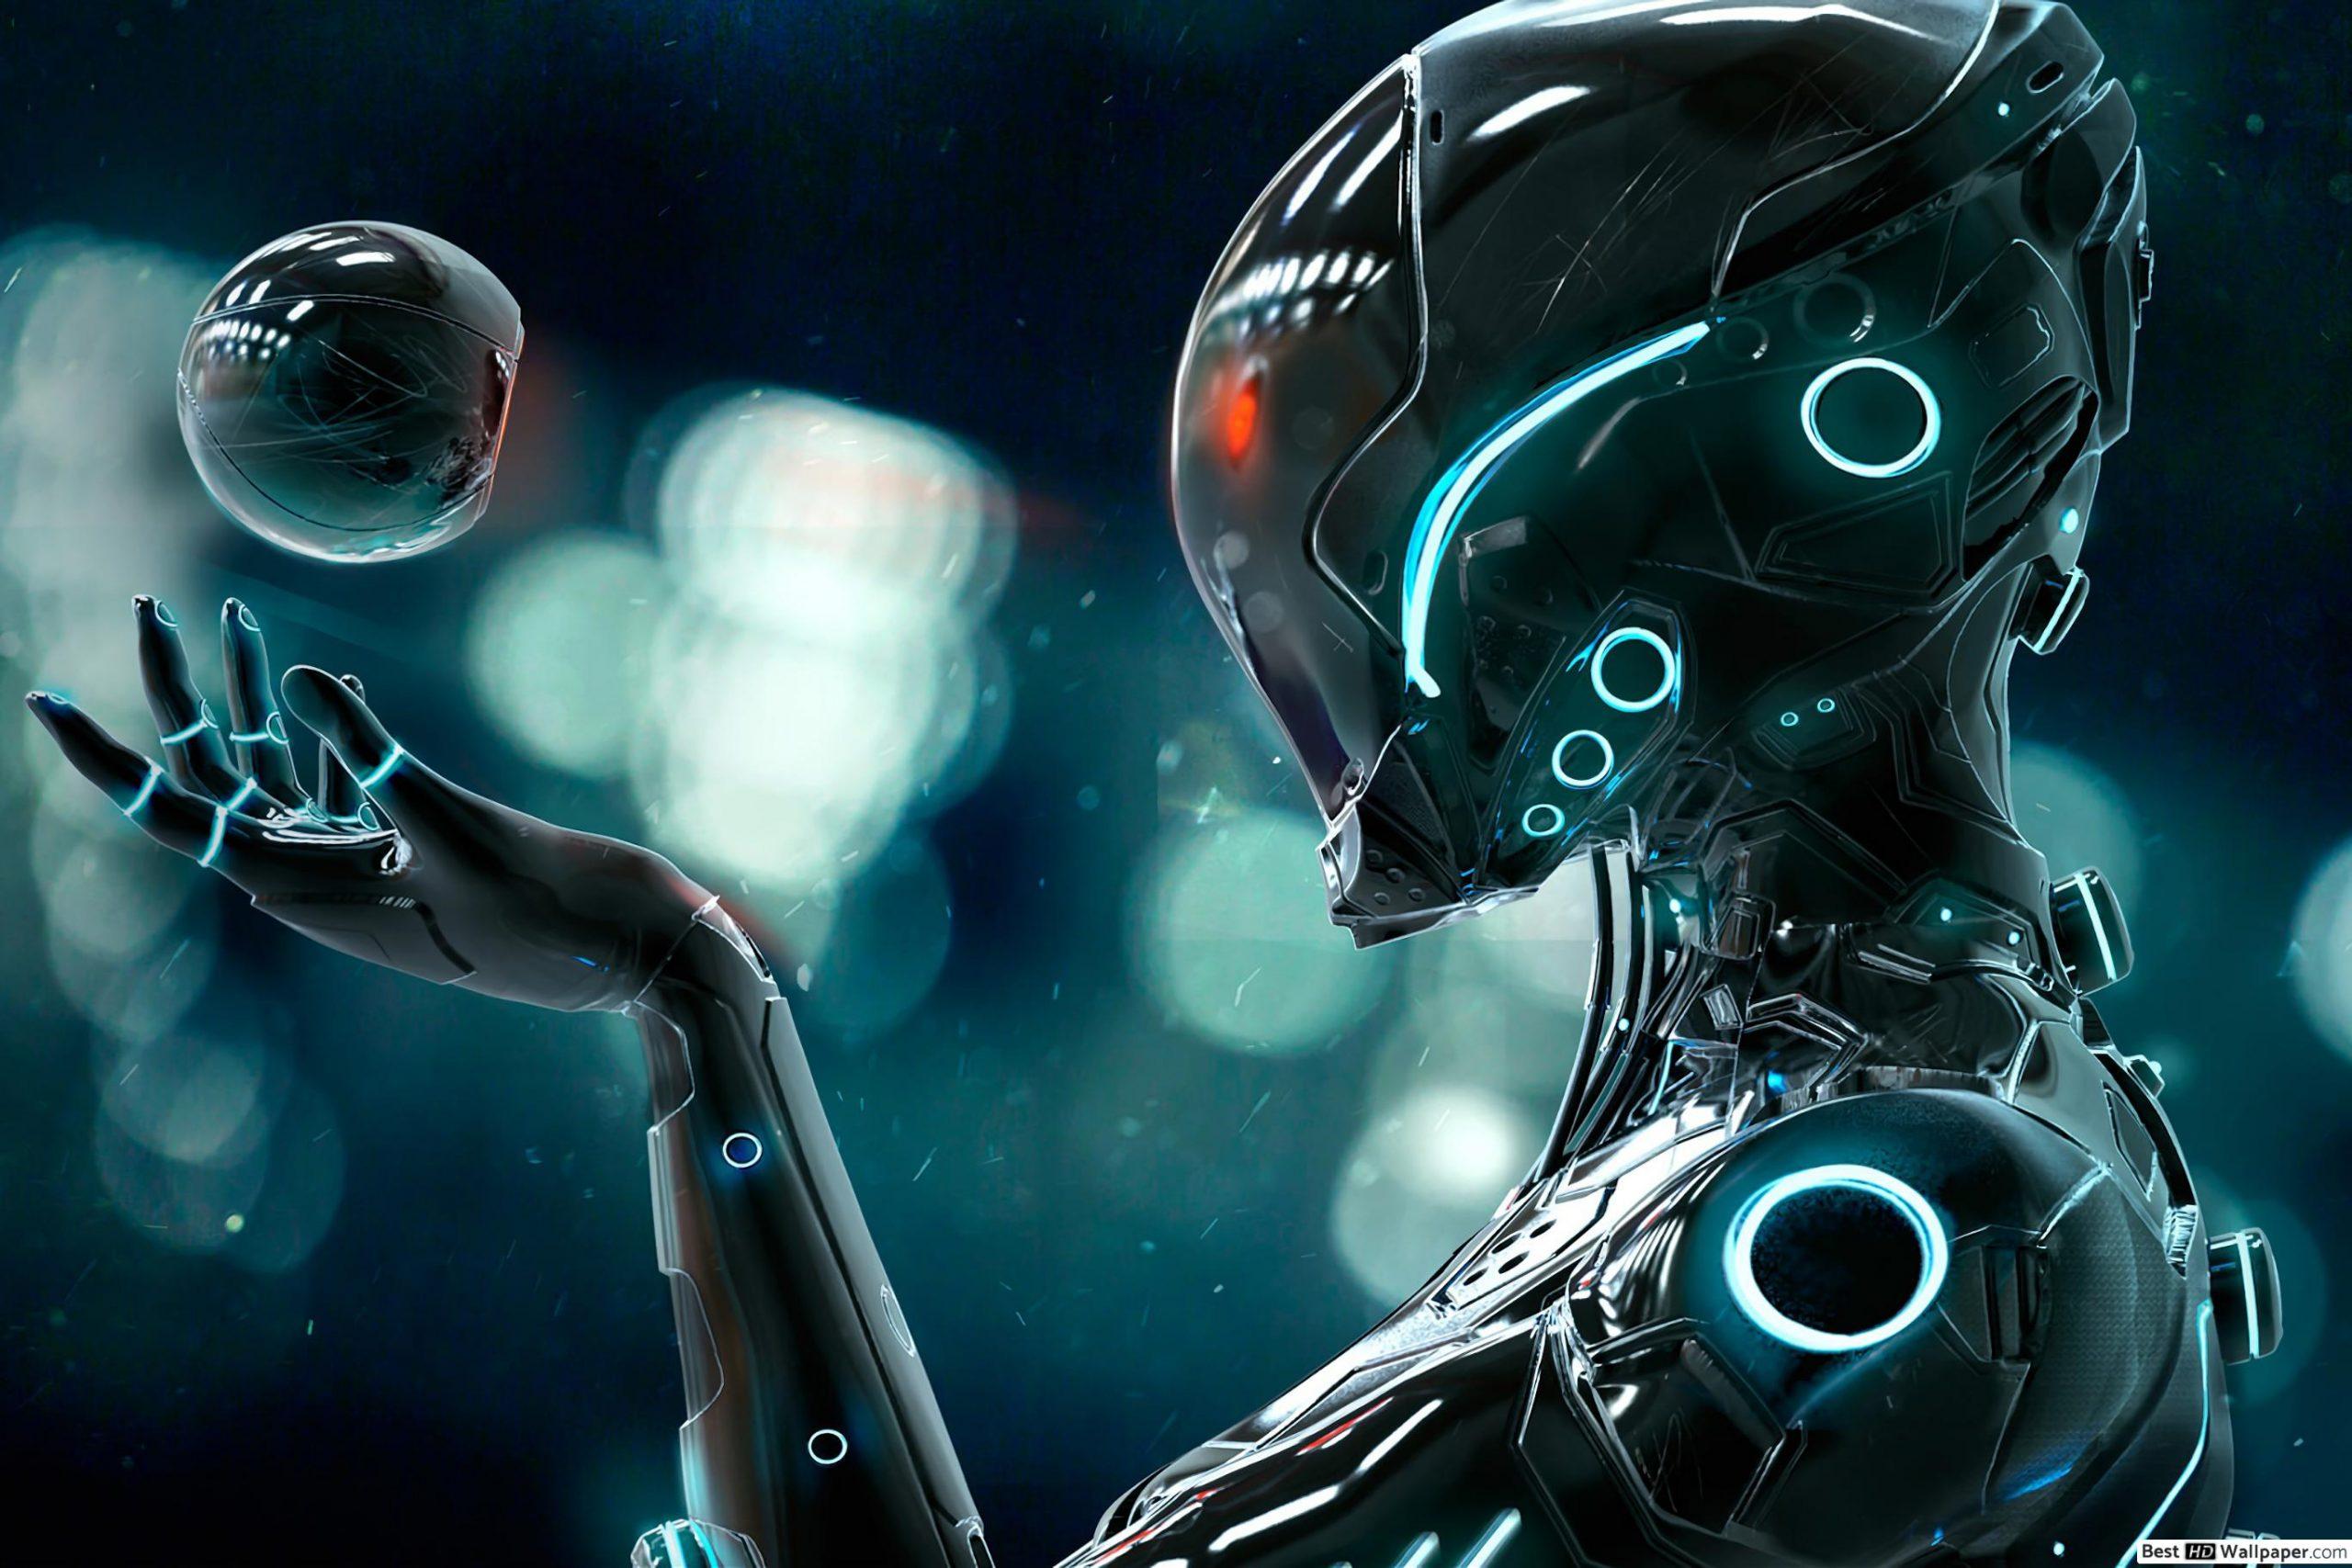 معرفی ۱۵ نابغهای که دنیای رباتیک را شکل دادند